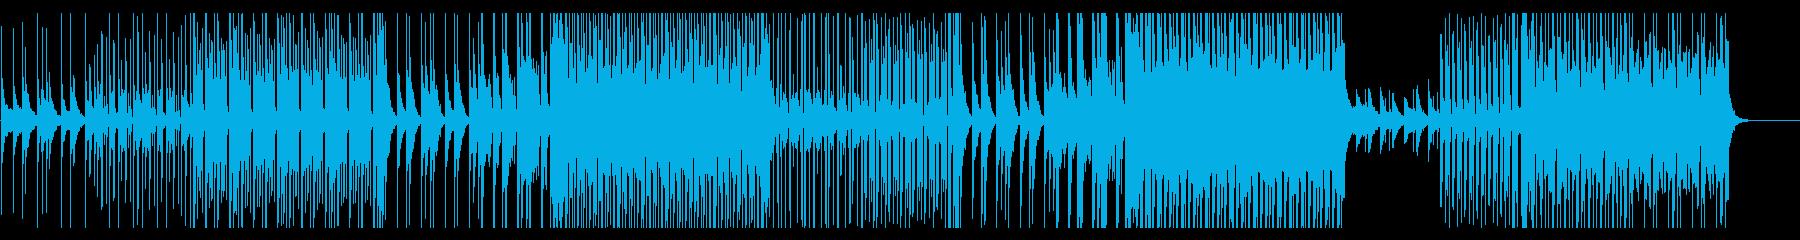 疾走感のある楽曲/トロピカルハウスの再生済みの波形